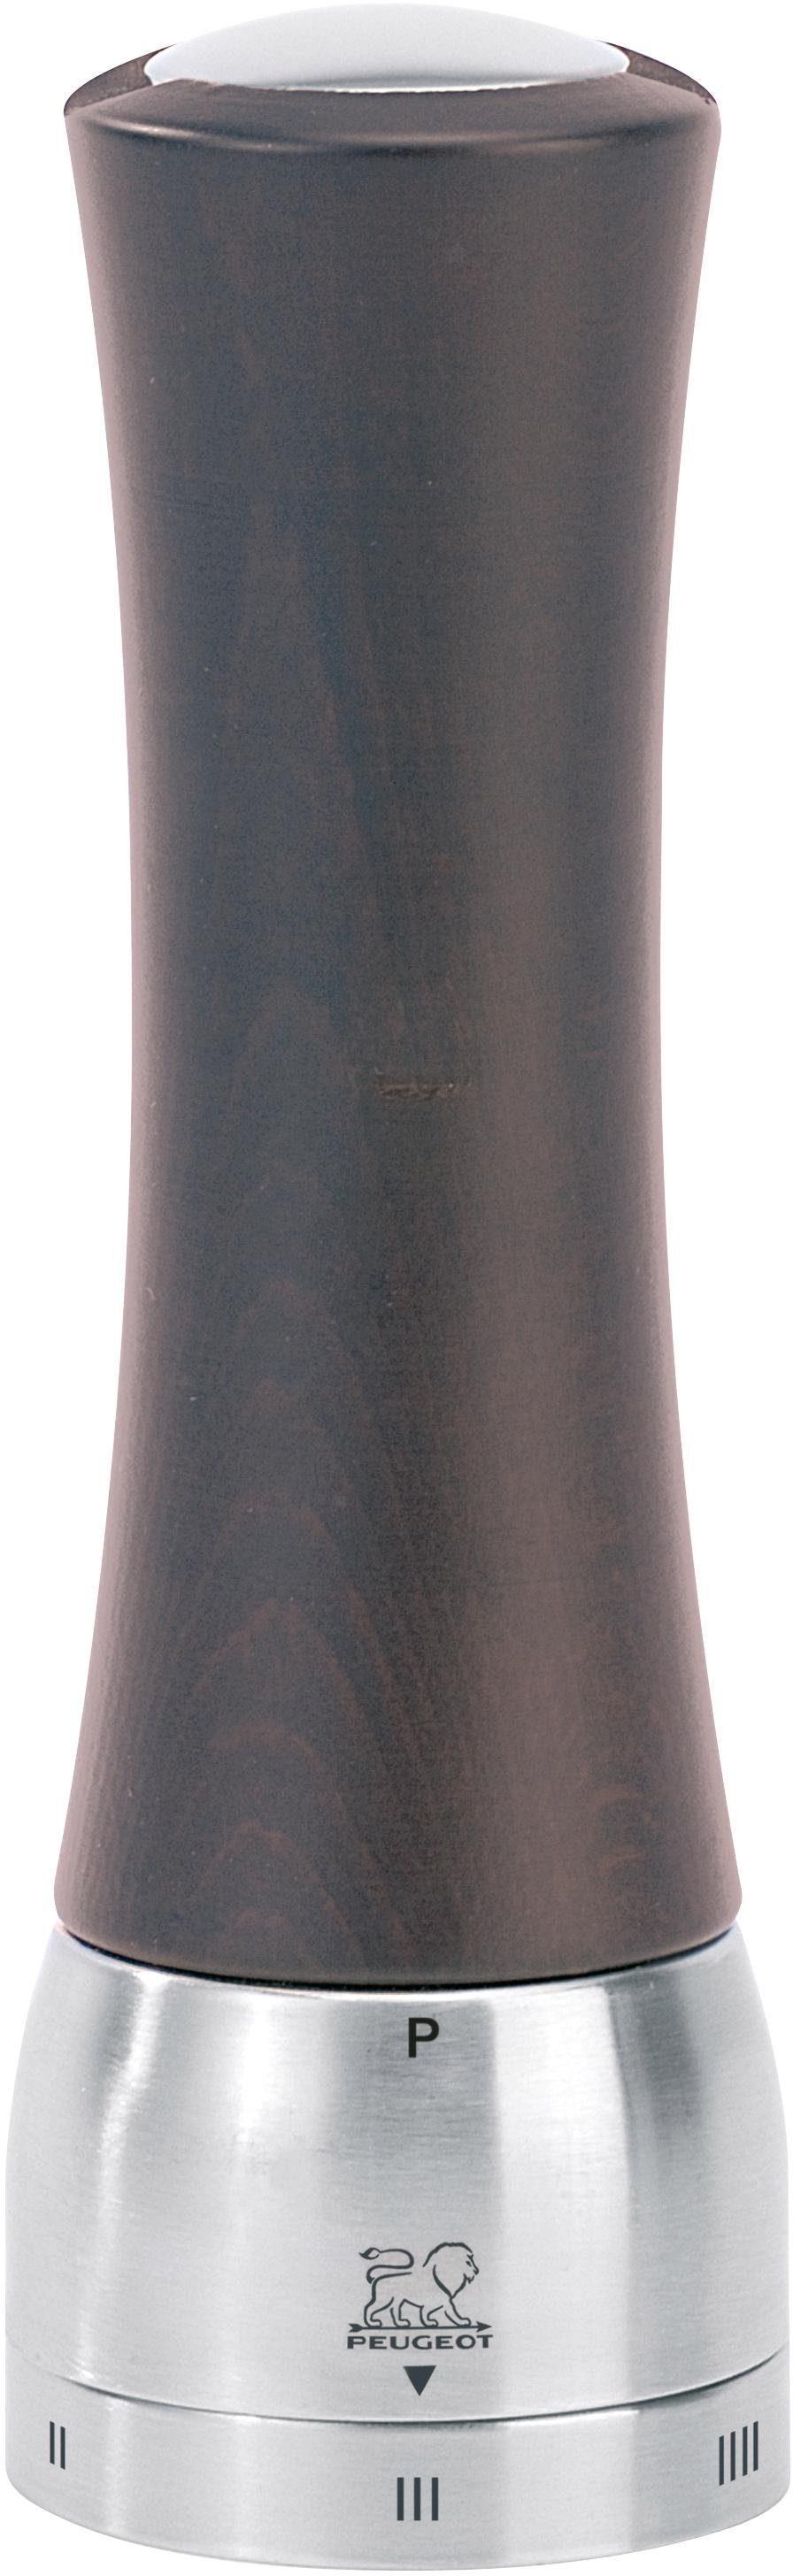 PEUGEOT Pfeffermühle »Madras U'Select« manuell, ohne Mittelachse, 21 cm